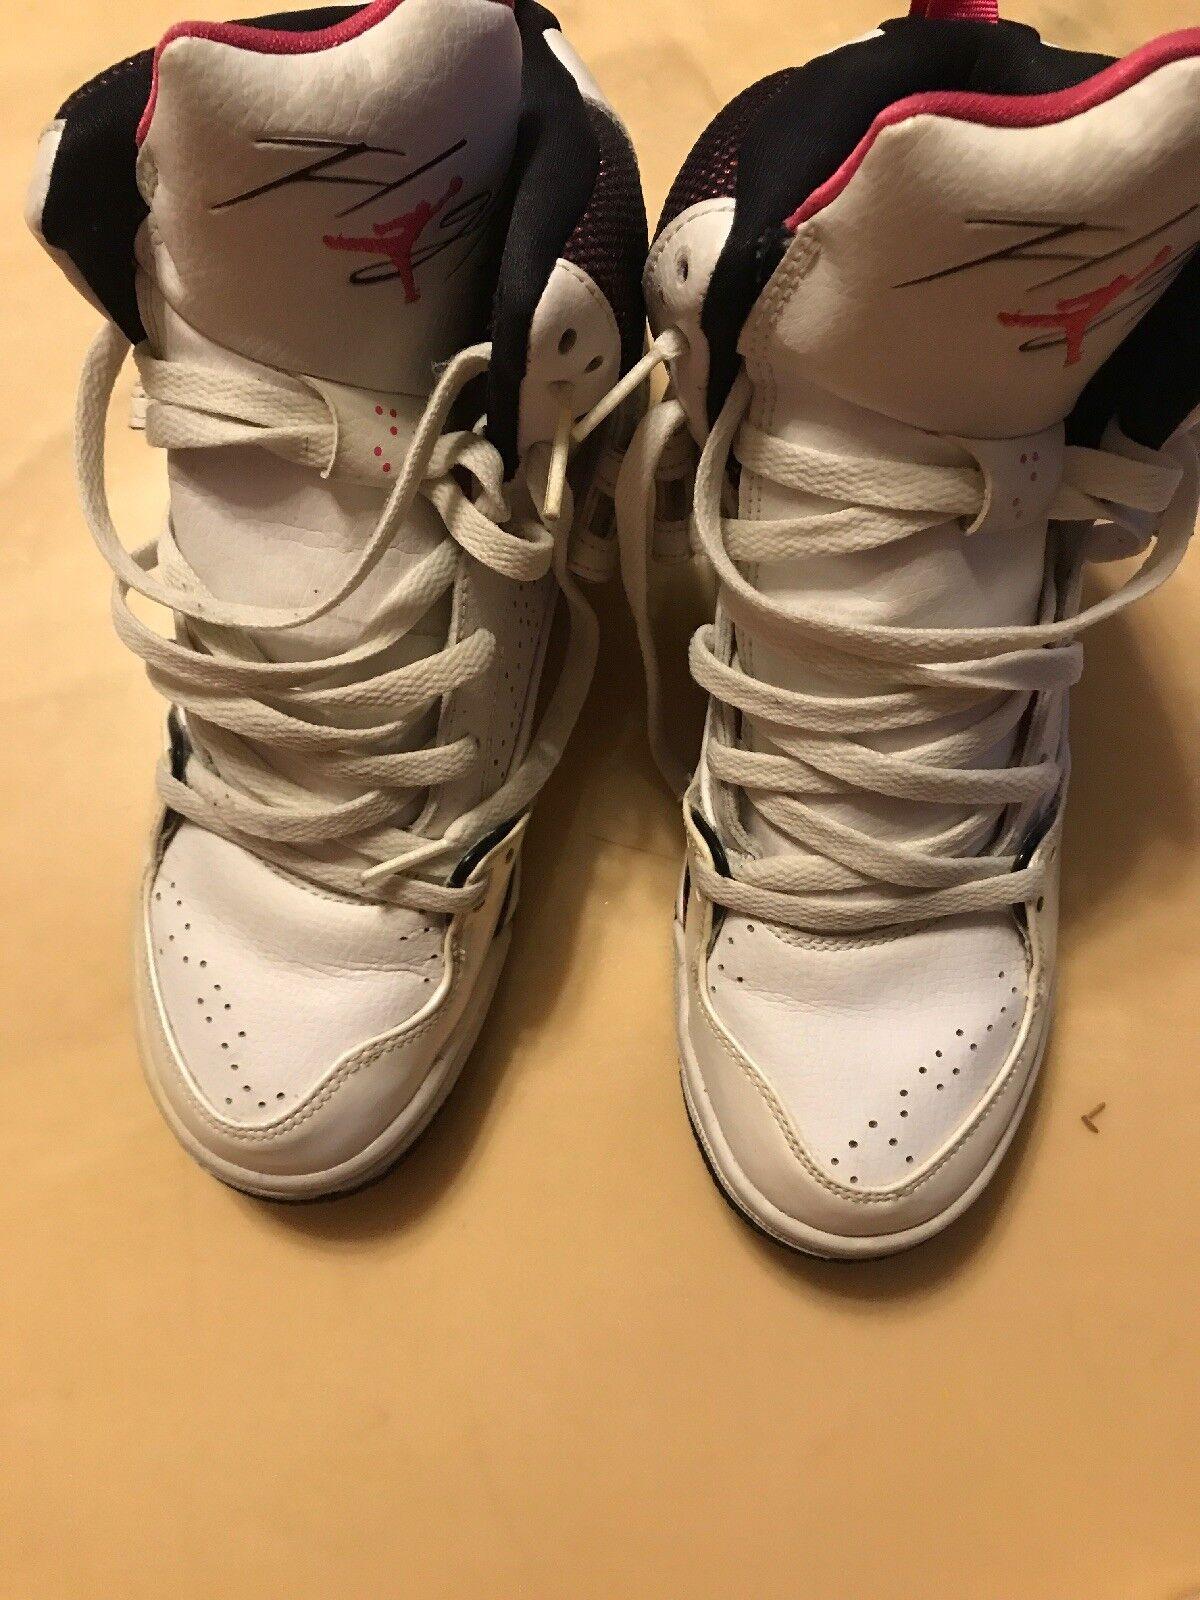 Tamaño 7 7 7 Jordan Zapatillas Whote rosado 3fc553